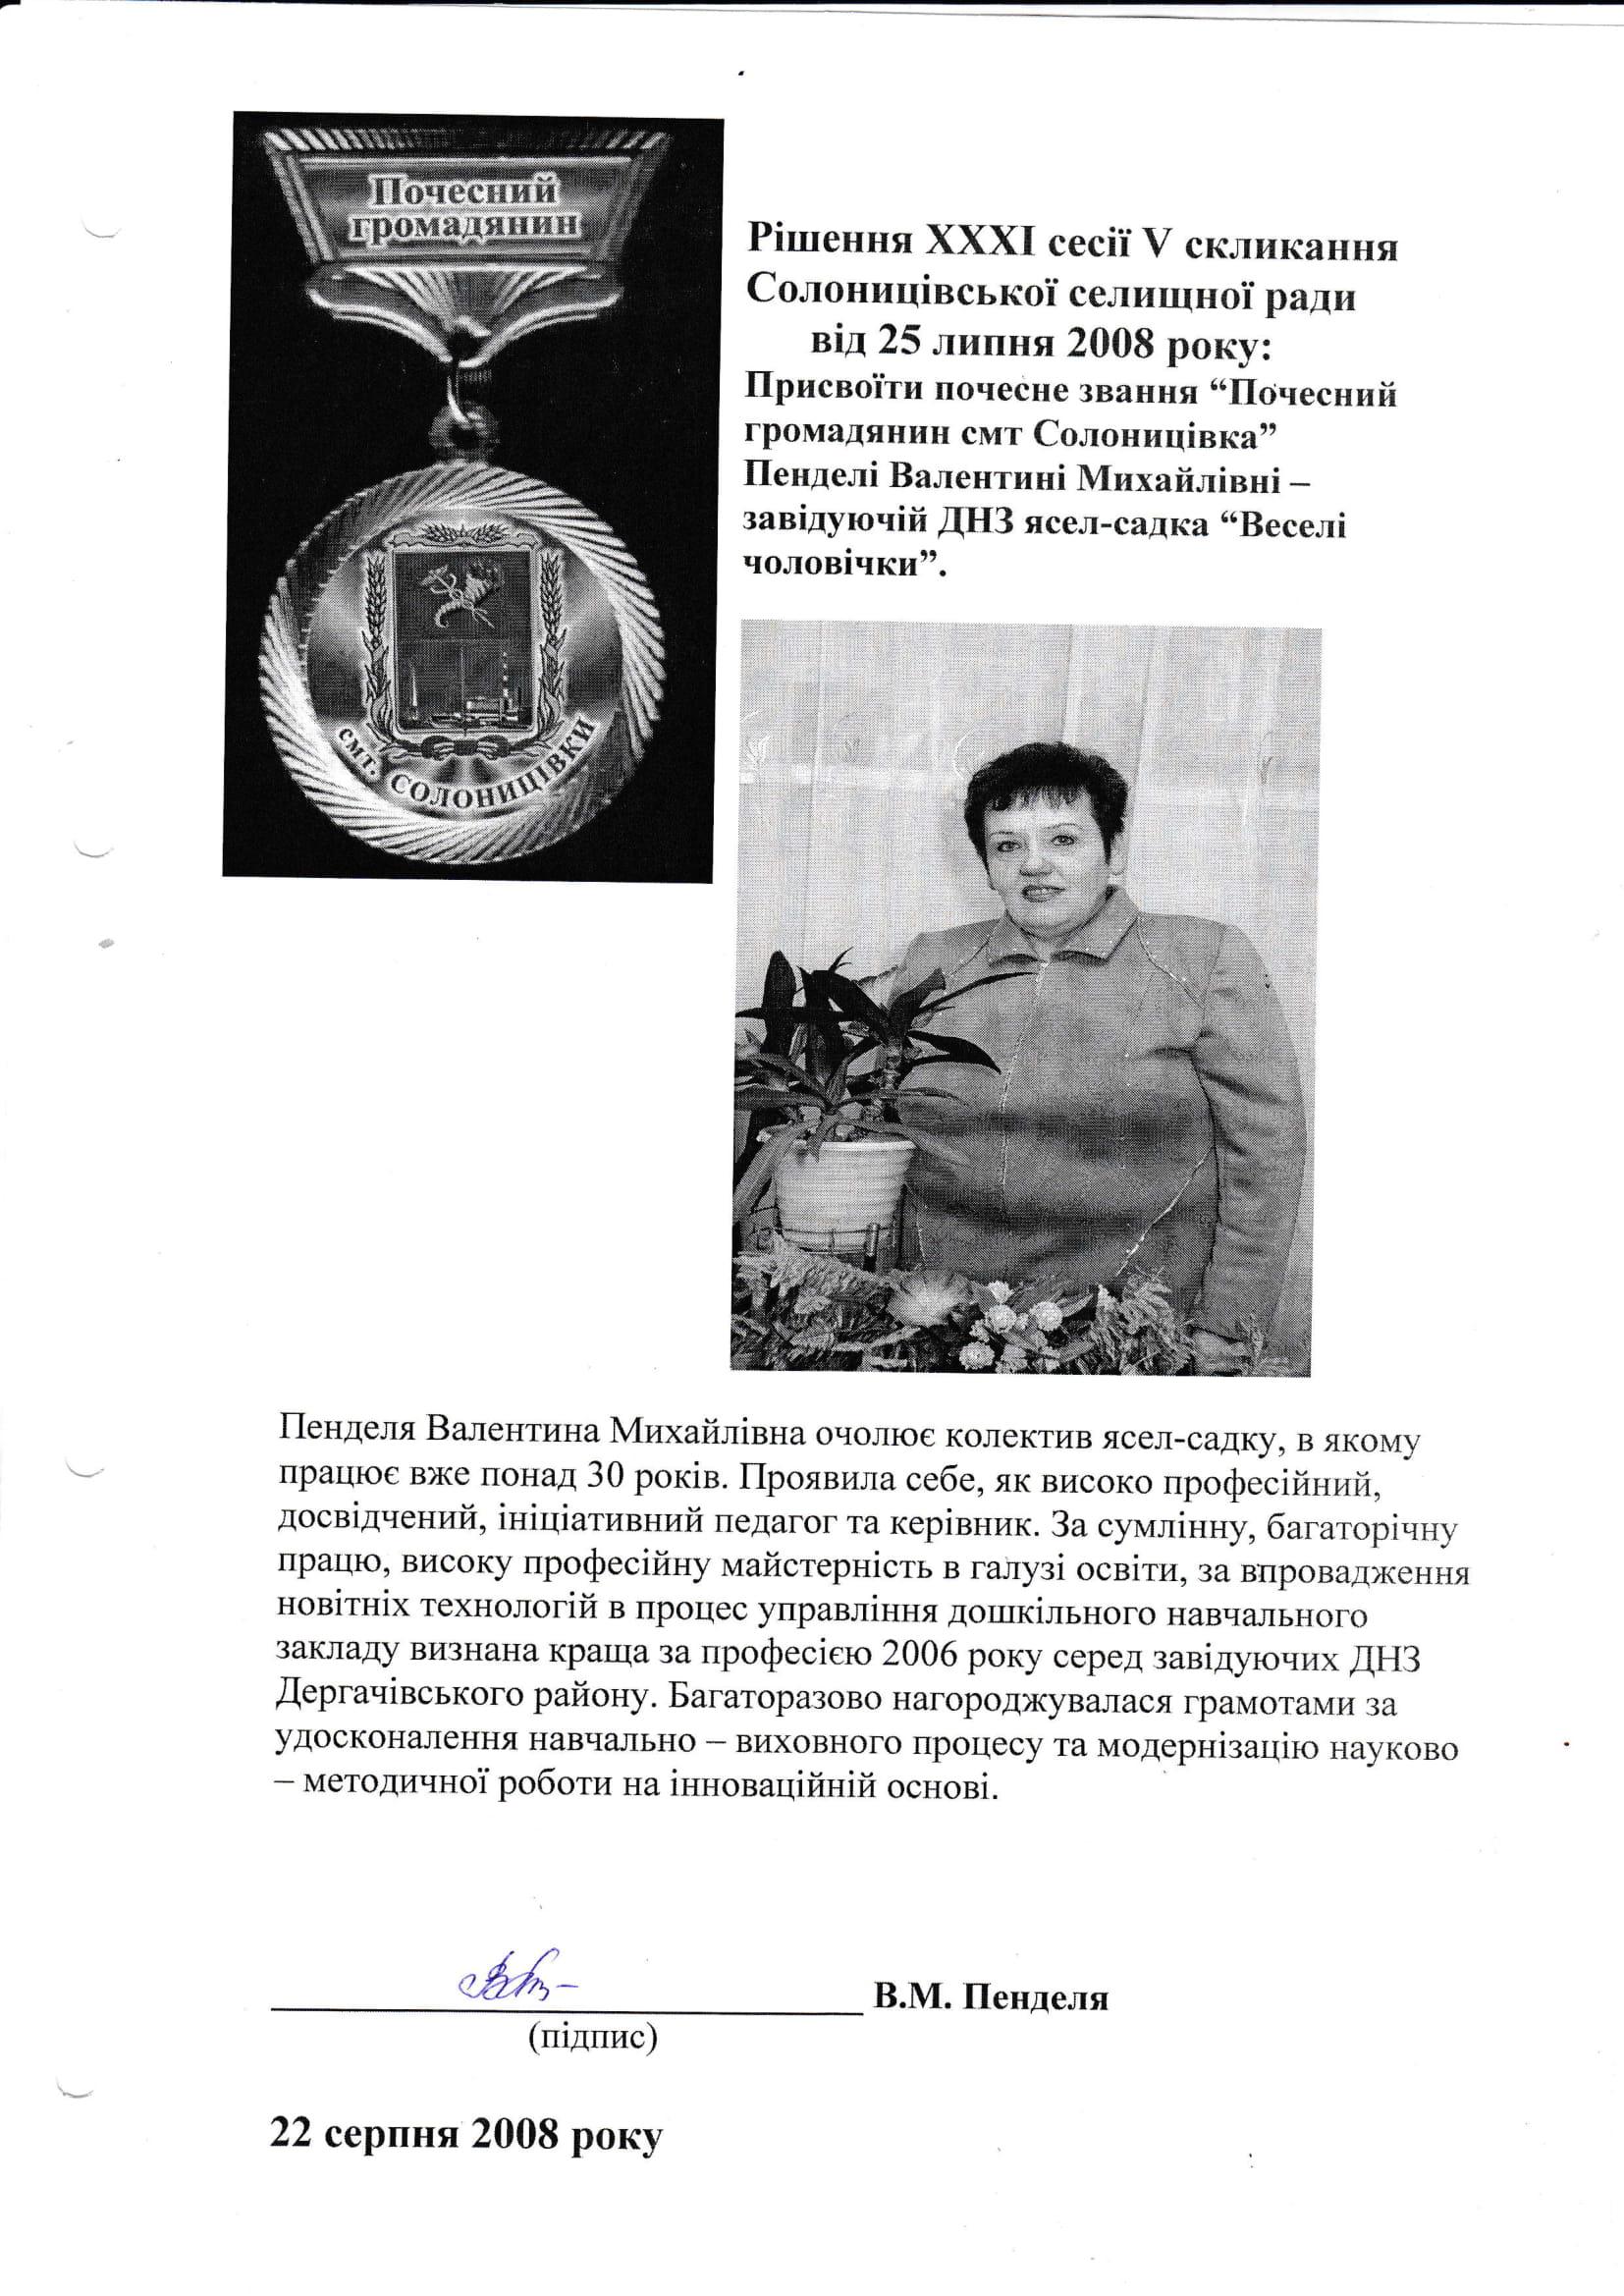 Пенделя Валентина Михайлівна